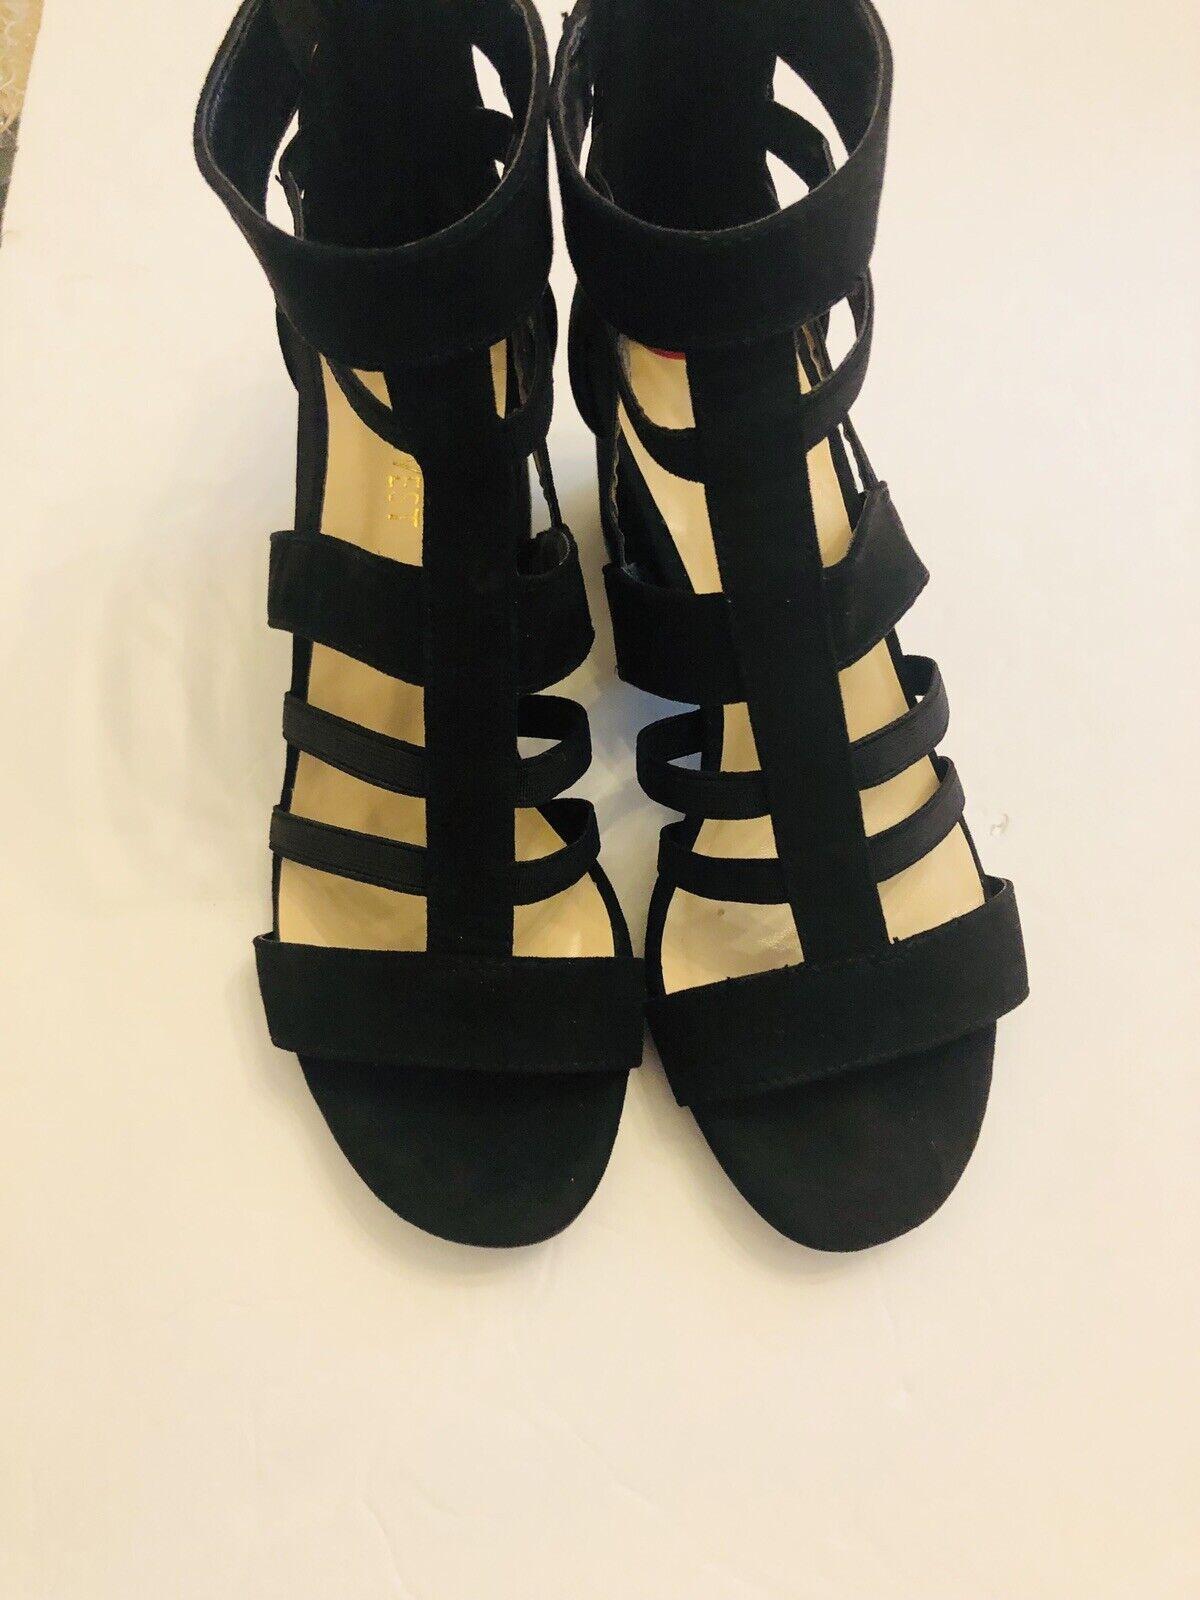 Nine West Womens Black Suede Strap Block Heels Size 6 Back Zipper